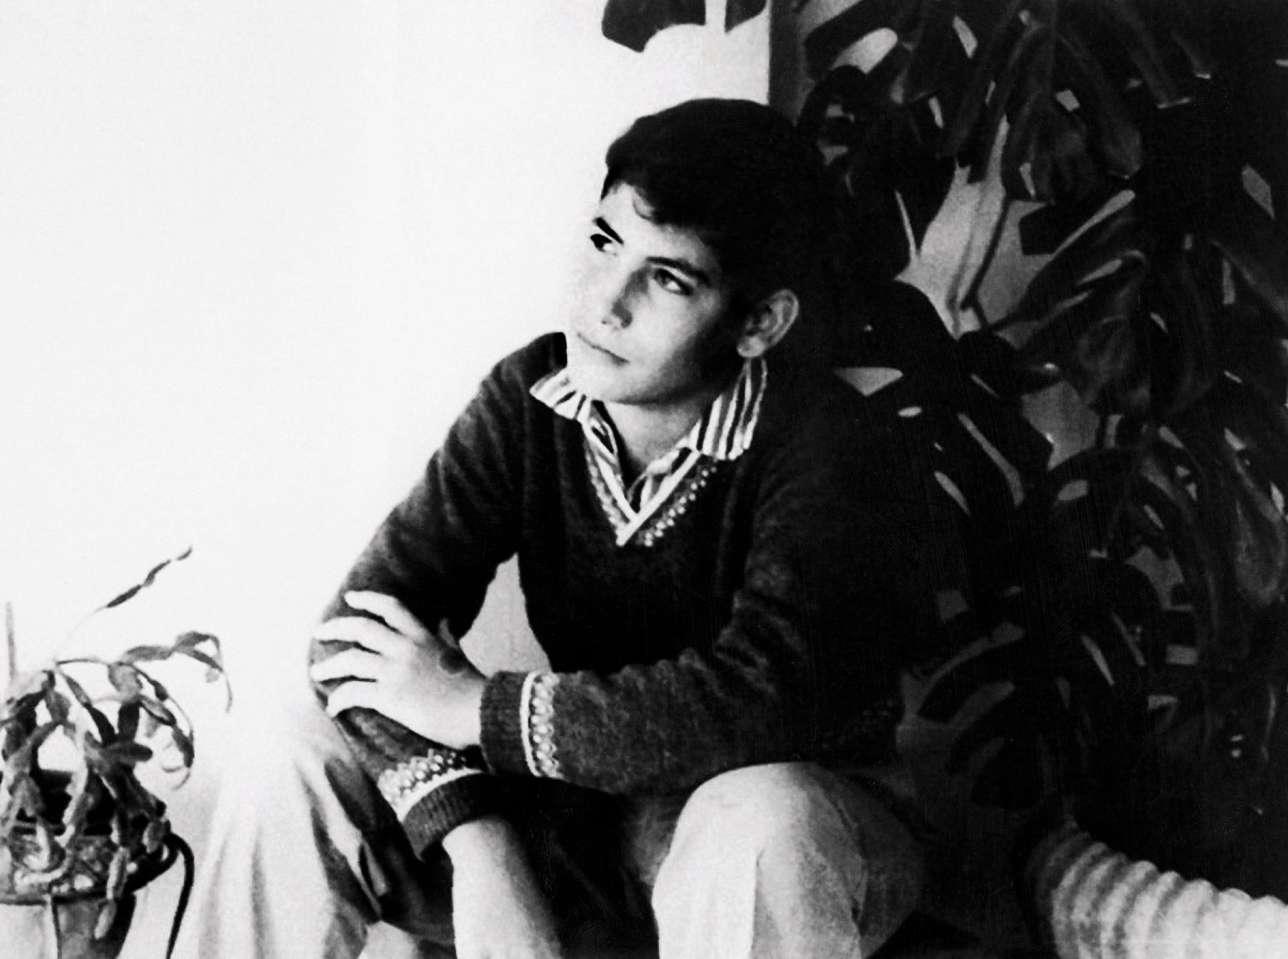 Benyamin Nétanyahou est élevé par une famille militante de droite. Ici, enfant, en 1964.